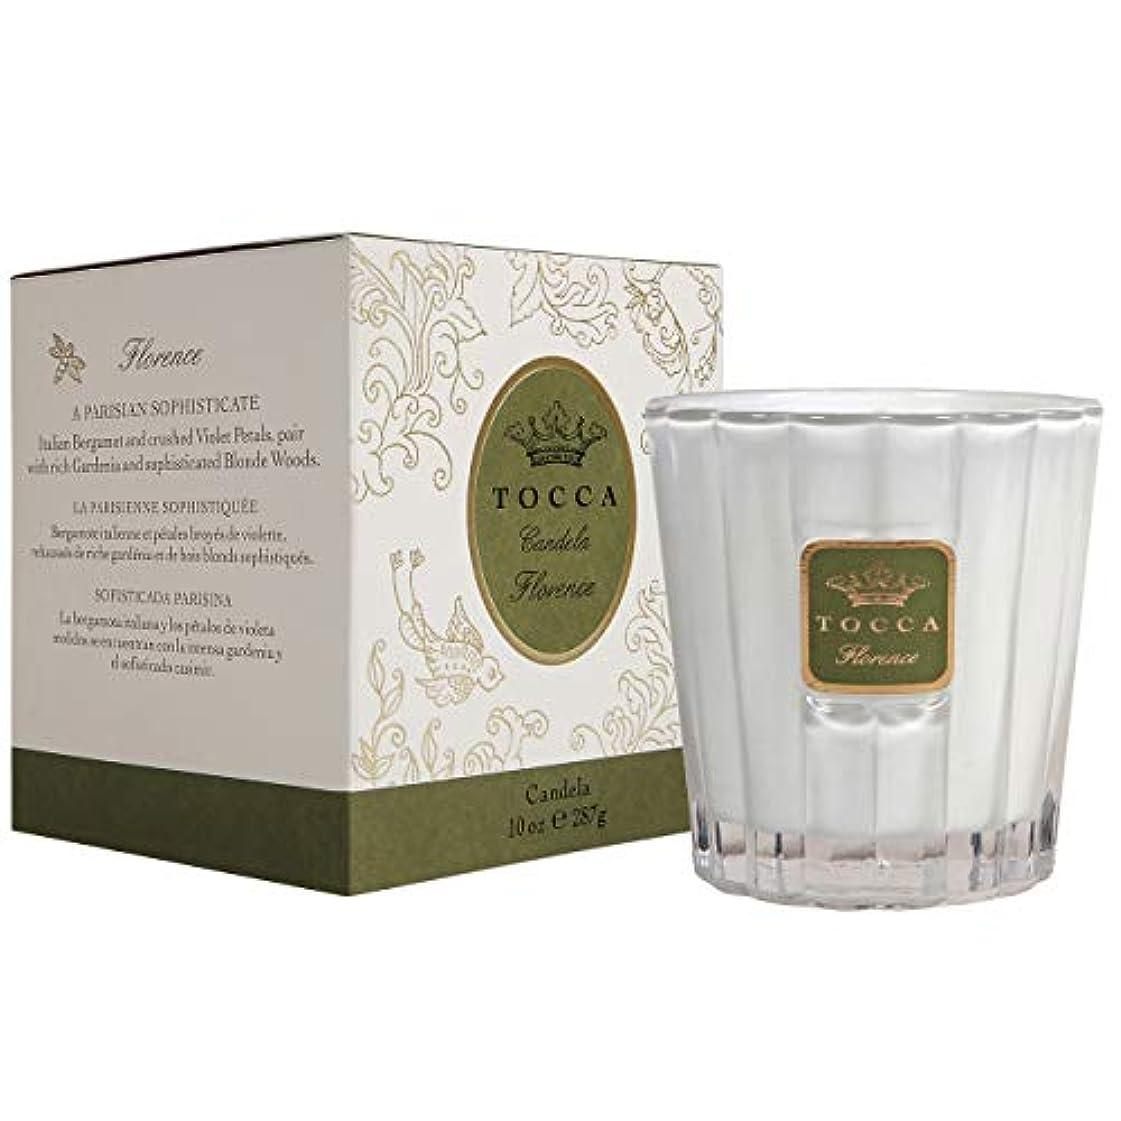 側面書道センチメートルトッカ(TOCCA) キャンドル フローレンスの香り 約287g (ろうそく 上品なフローラルの香り)